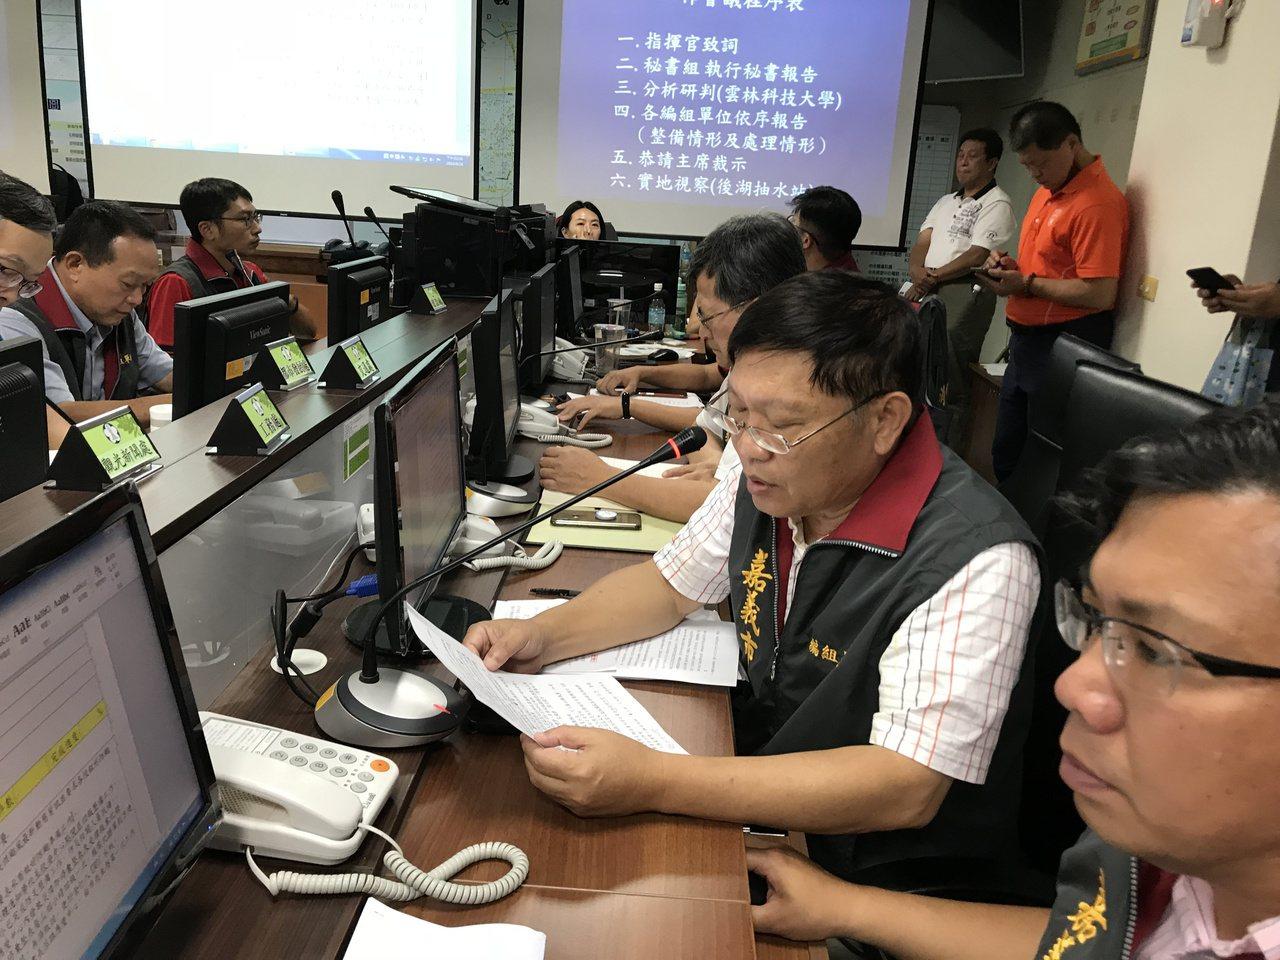 影╱白鹿颱風侵台 黃敏惠坐鎮指揮中心